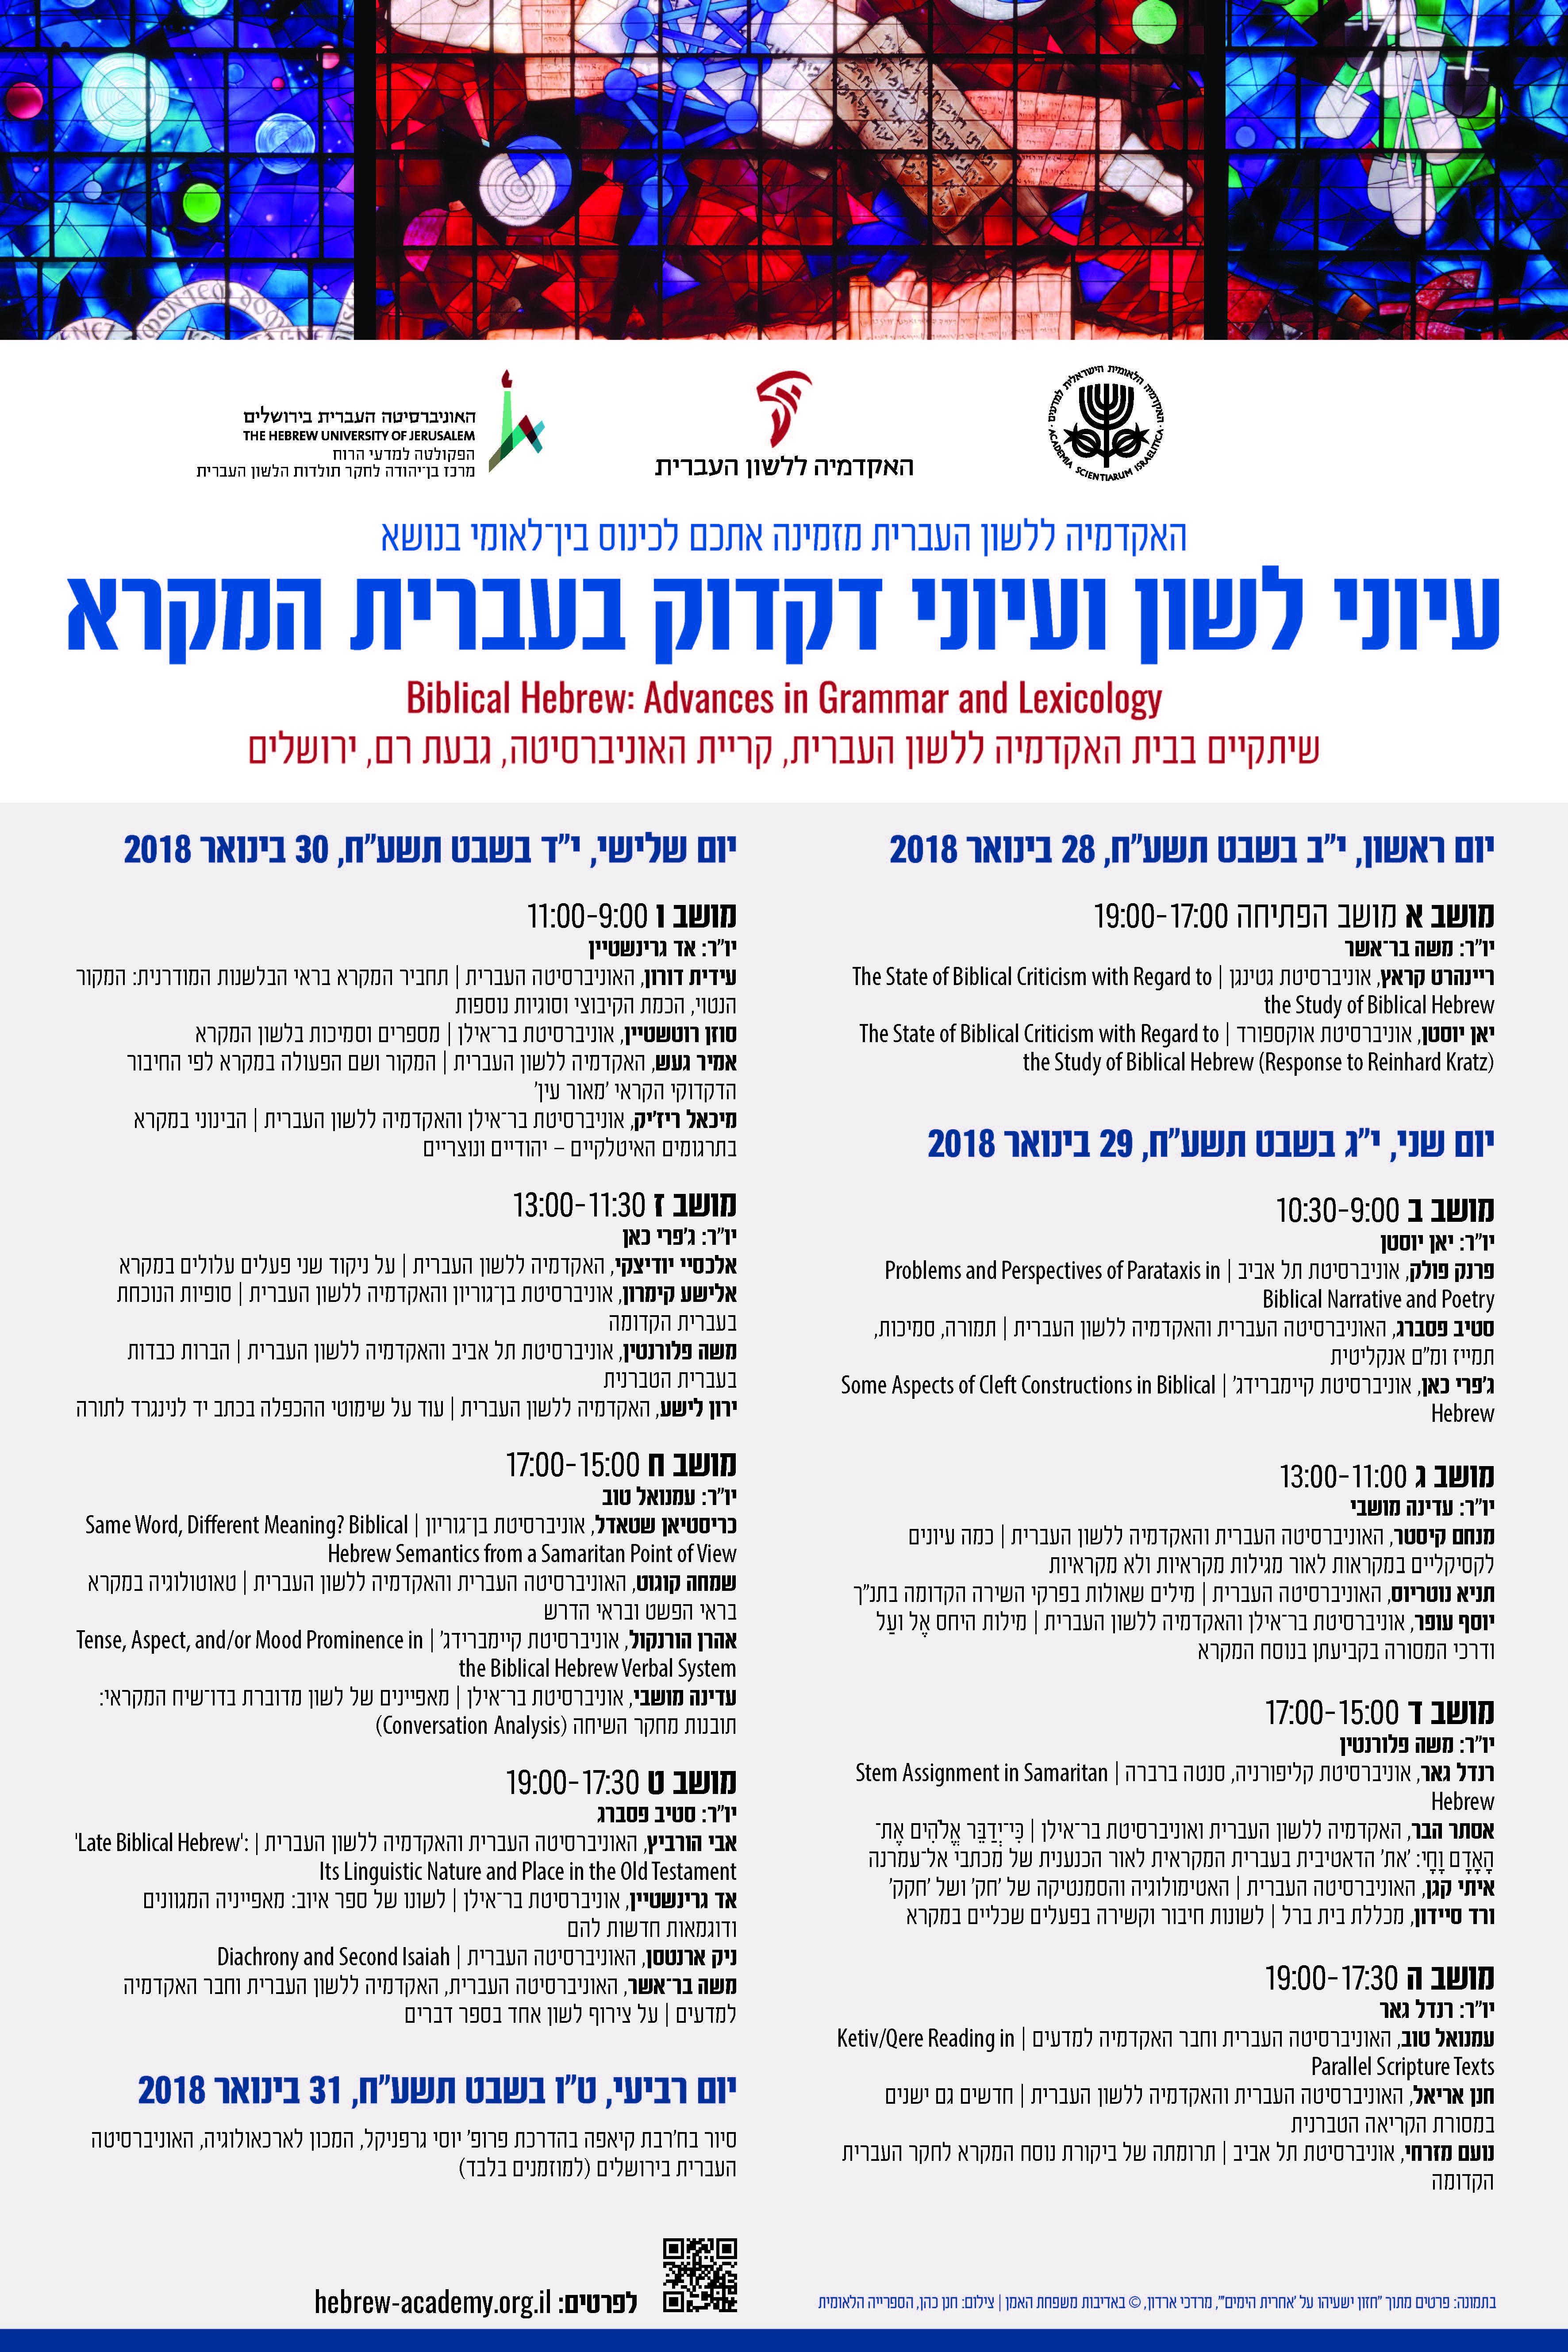 פירוט תוכנית ההזמנה לכנס עיוני לשון ועיוני דקדוק בעברית המקרא